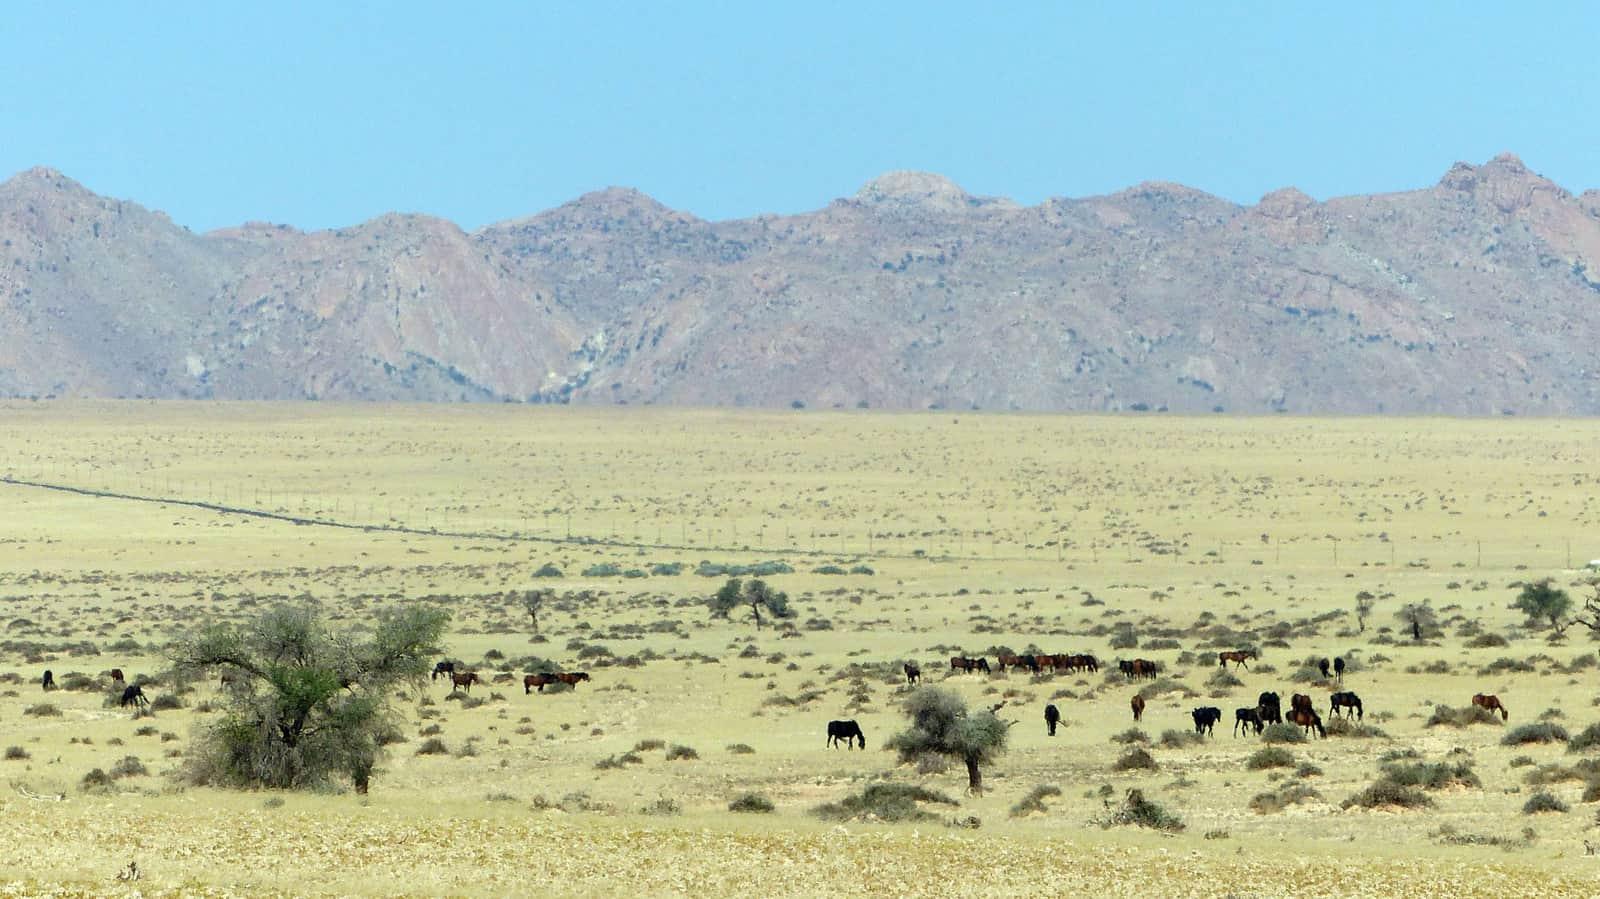 Wild Horses near Aus, Namibia